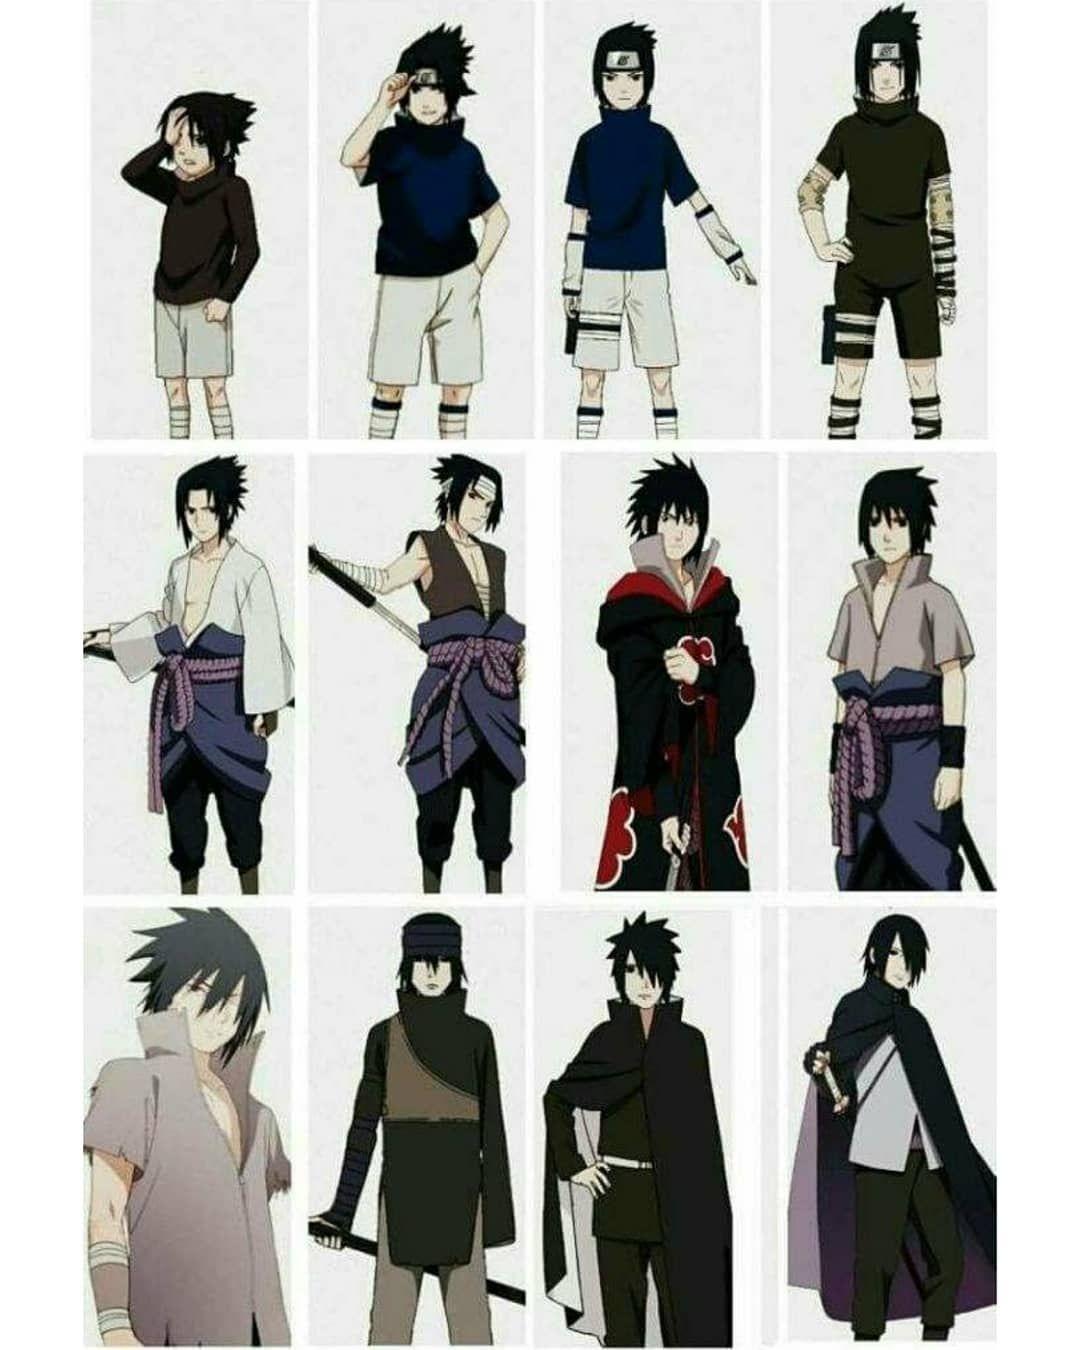 Evolution Sasuke Sasukeuchiha Sasukeuniverso Nar Sasuke Uchiha Shippuden Naruto Shippuden Sasuke Naruto Uzumaki